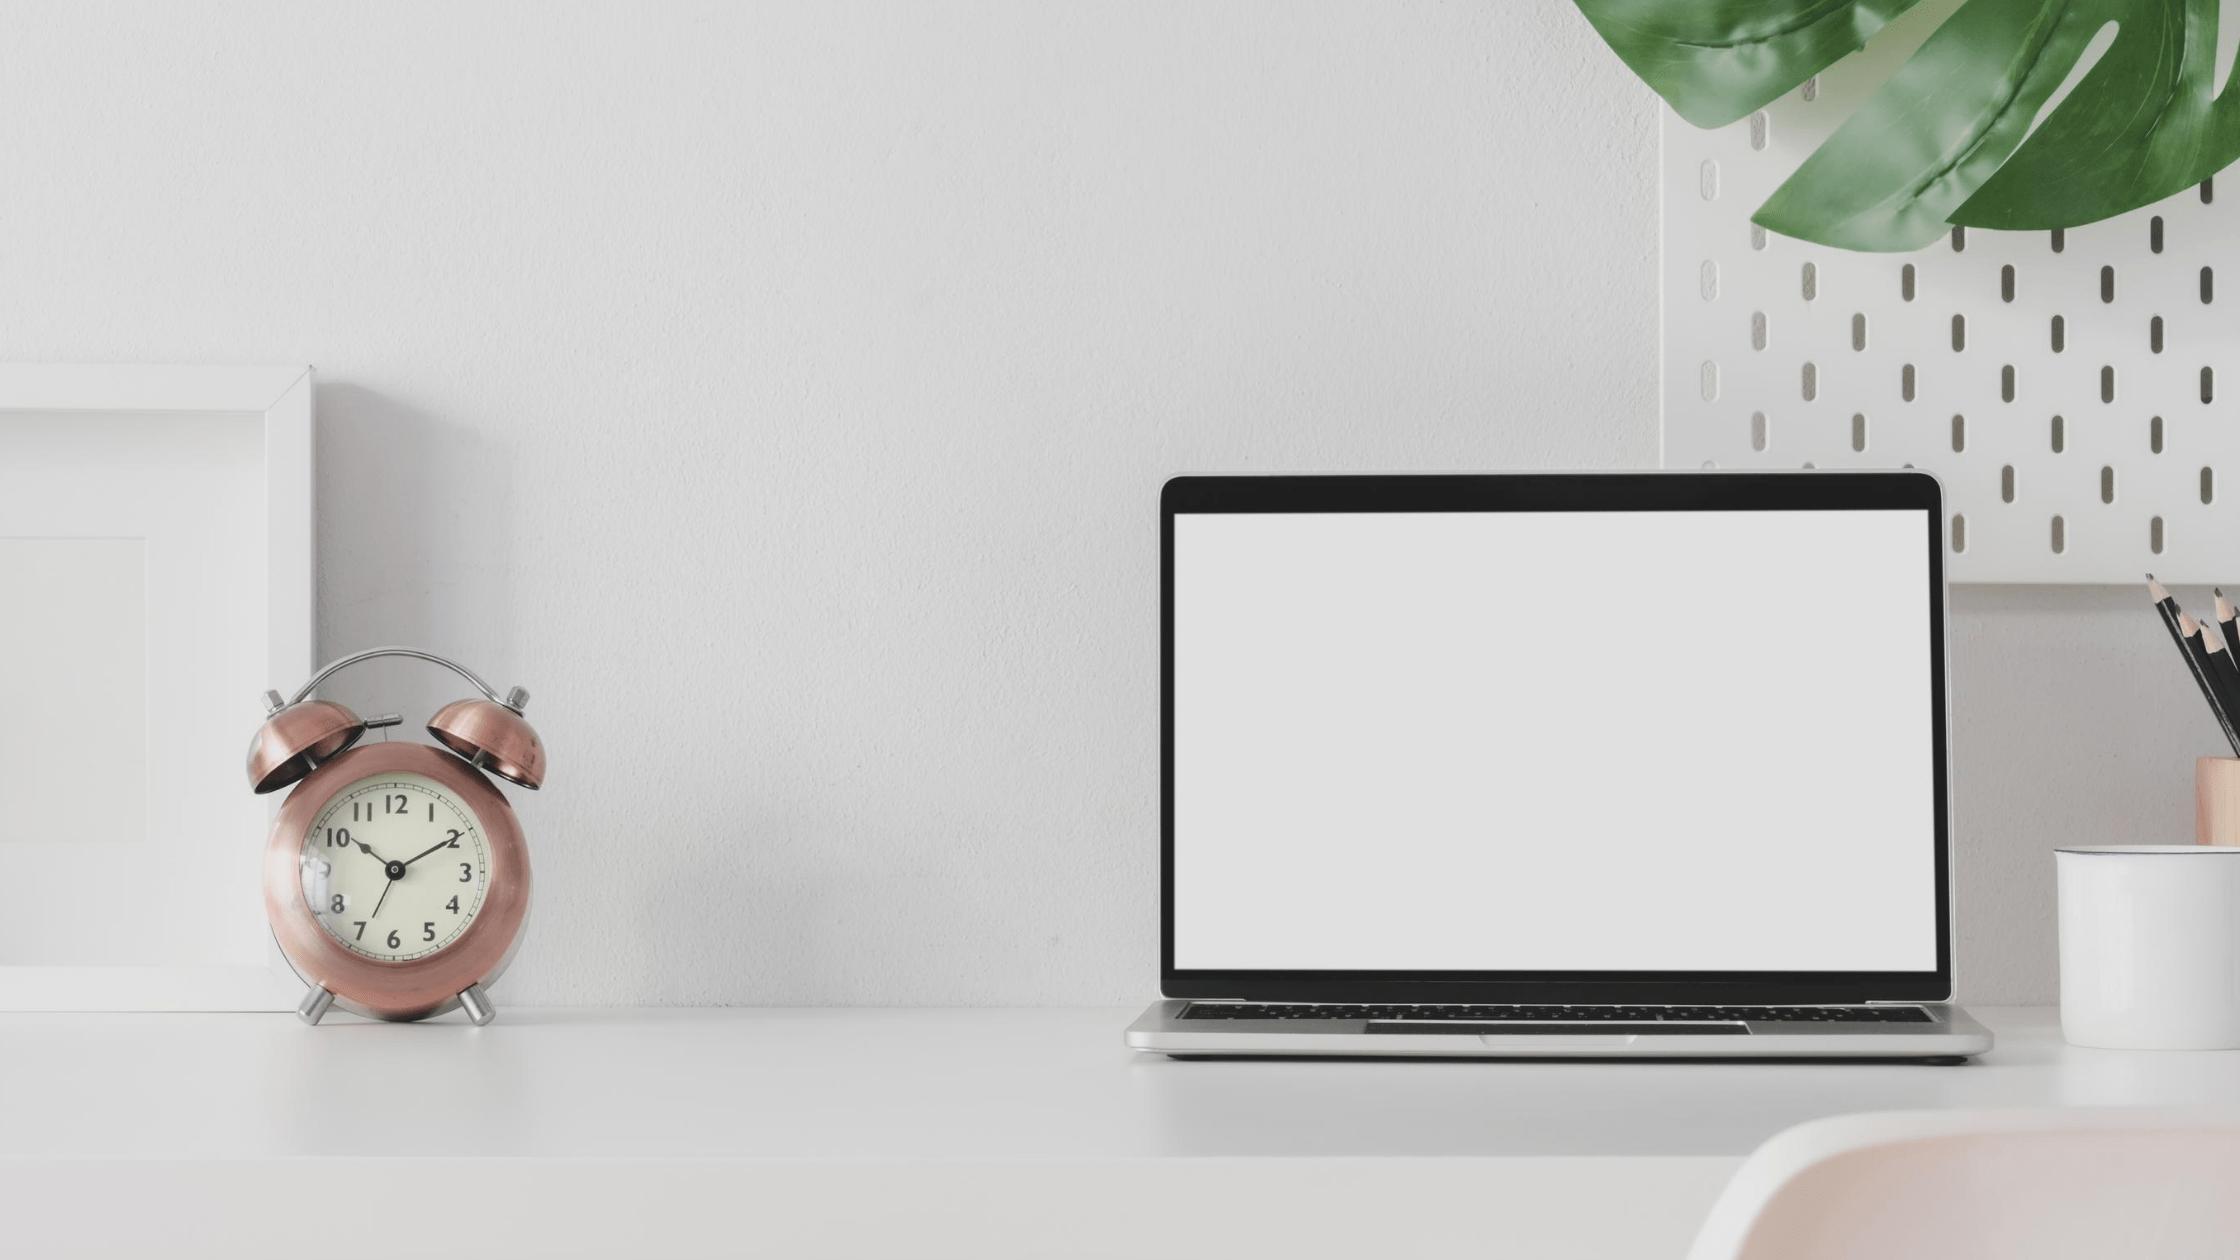 białe biurko na którym stoi złoty zegar stołowy i laptop